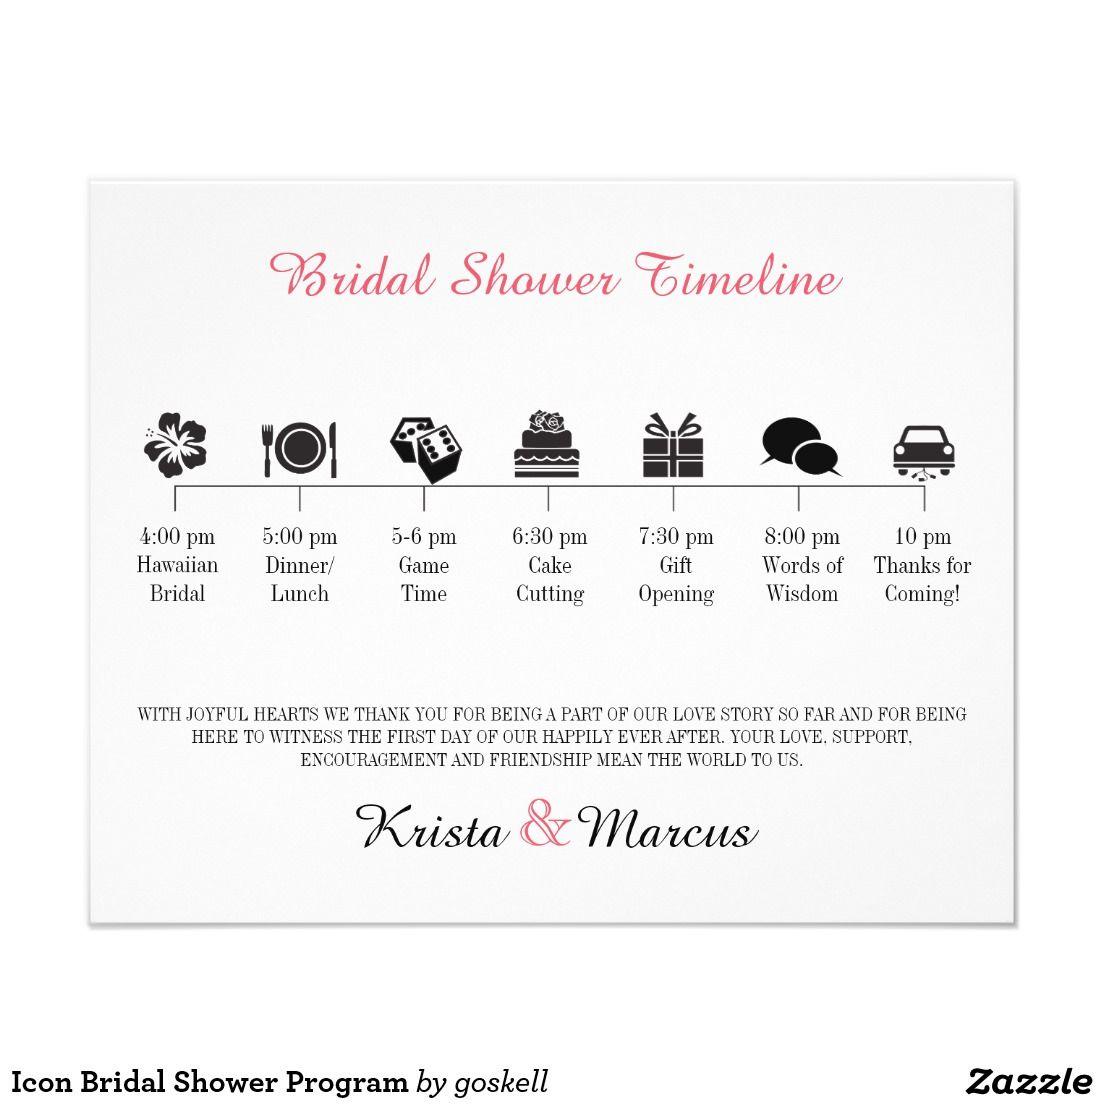 icon bridal shower program 45 x 56 flyer